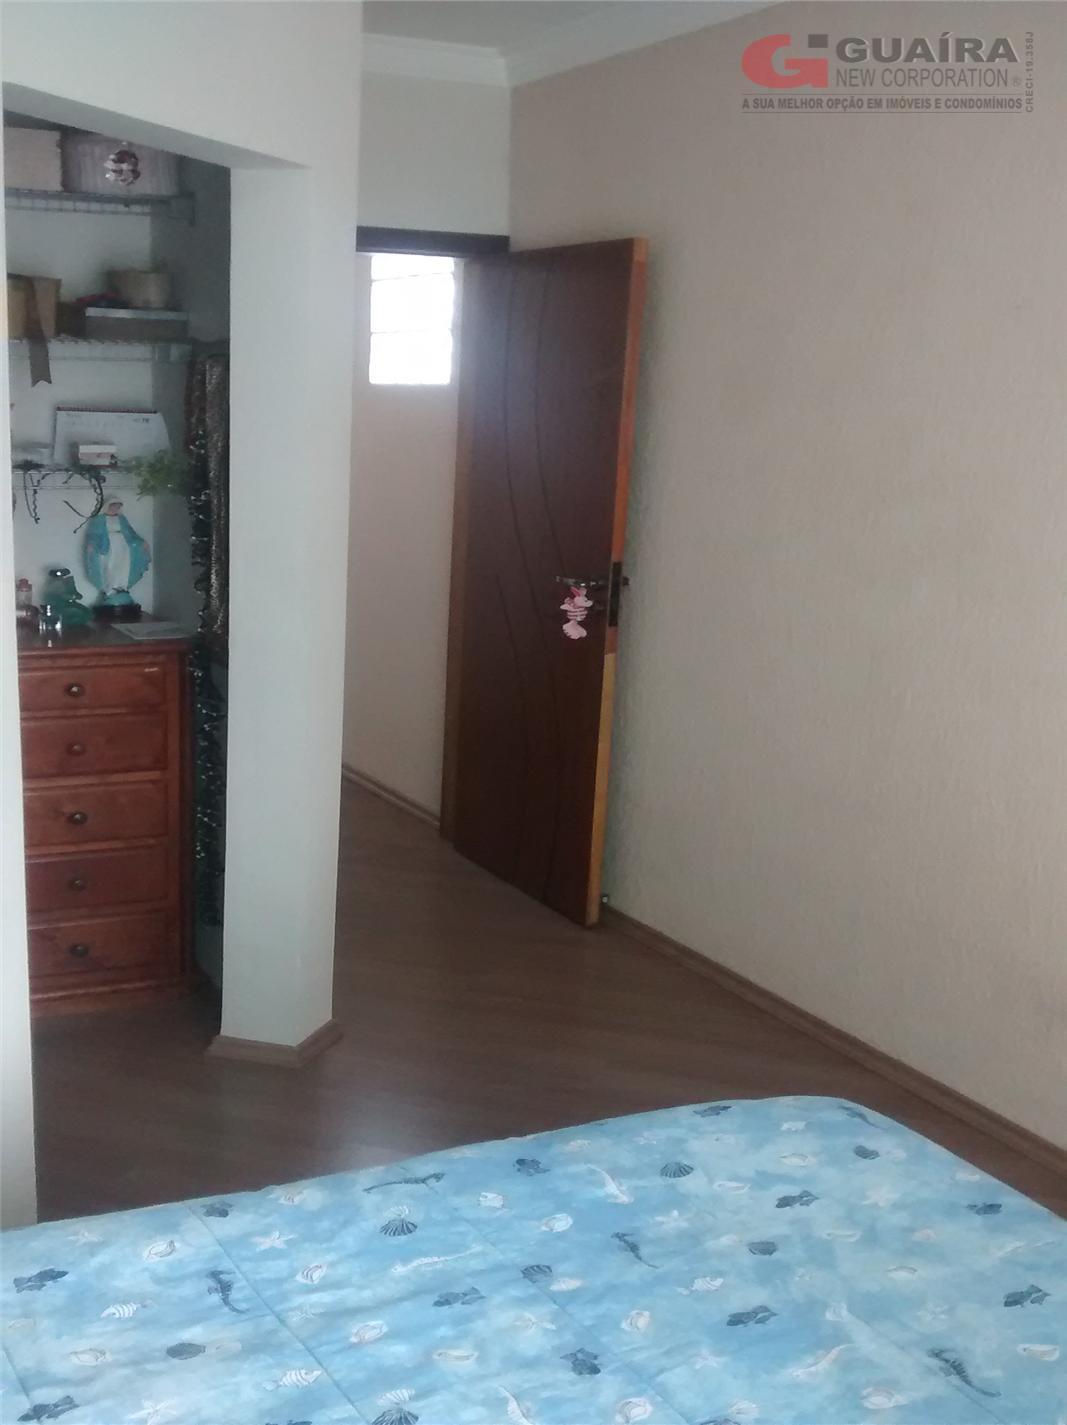 Sobrado de 4 dormitórios à venda em Baeta Neves, São Bernardo Do Campo - SP